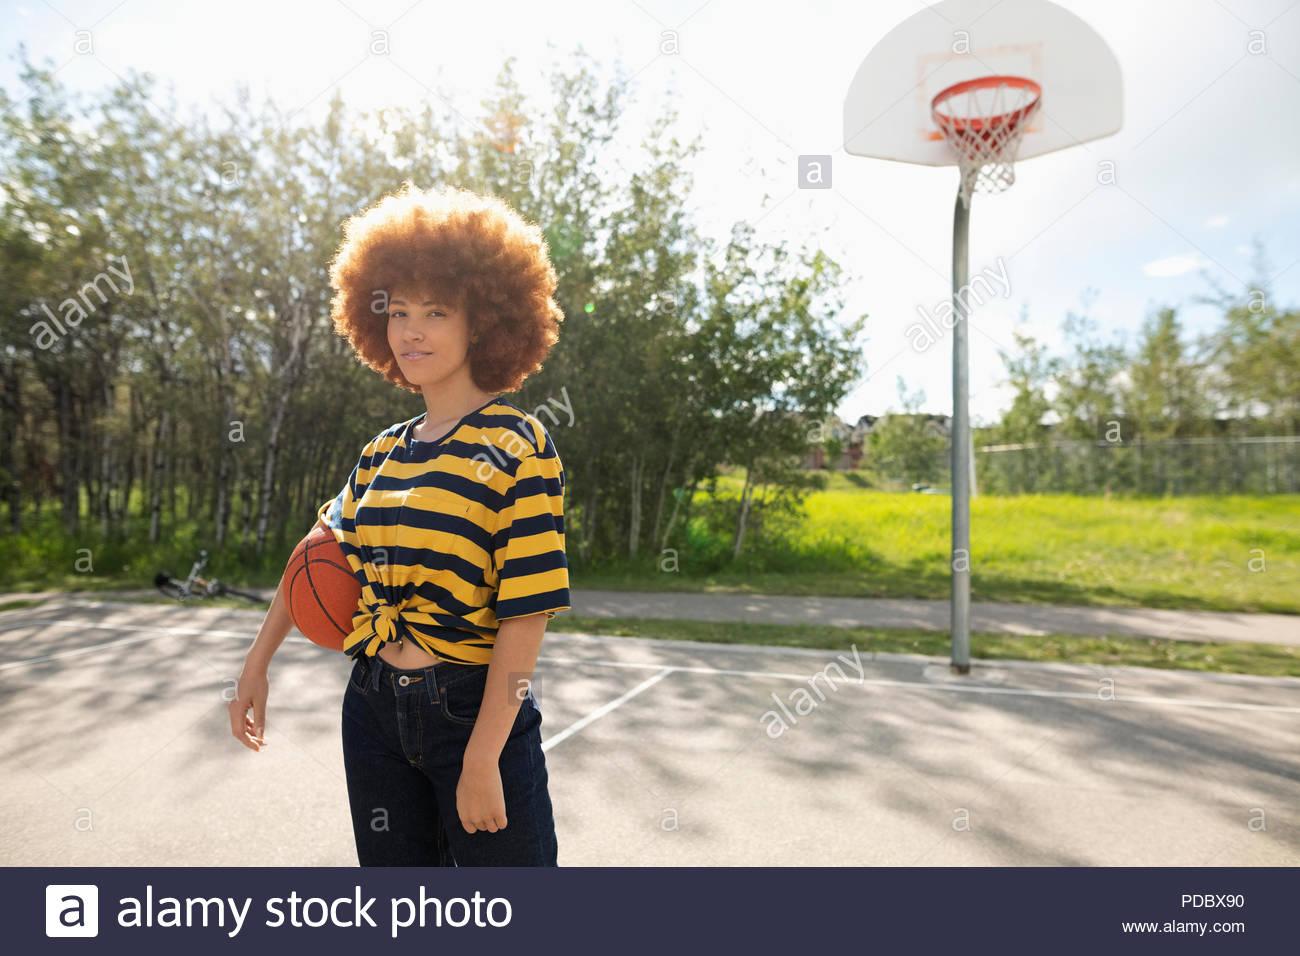 Retrato seguros, cool adolescente afro jugar baloncesto en estacionamiento cancha de baloncesto Imagen De Stock